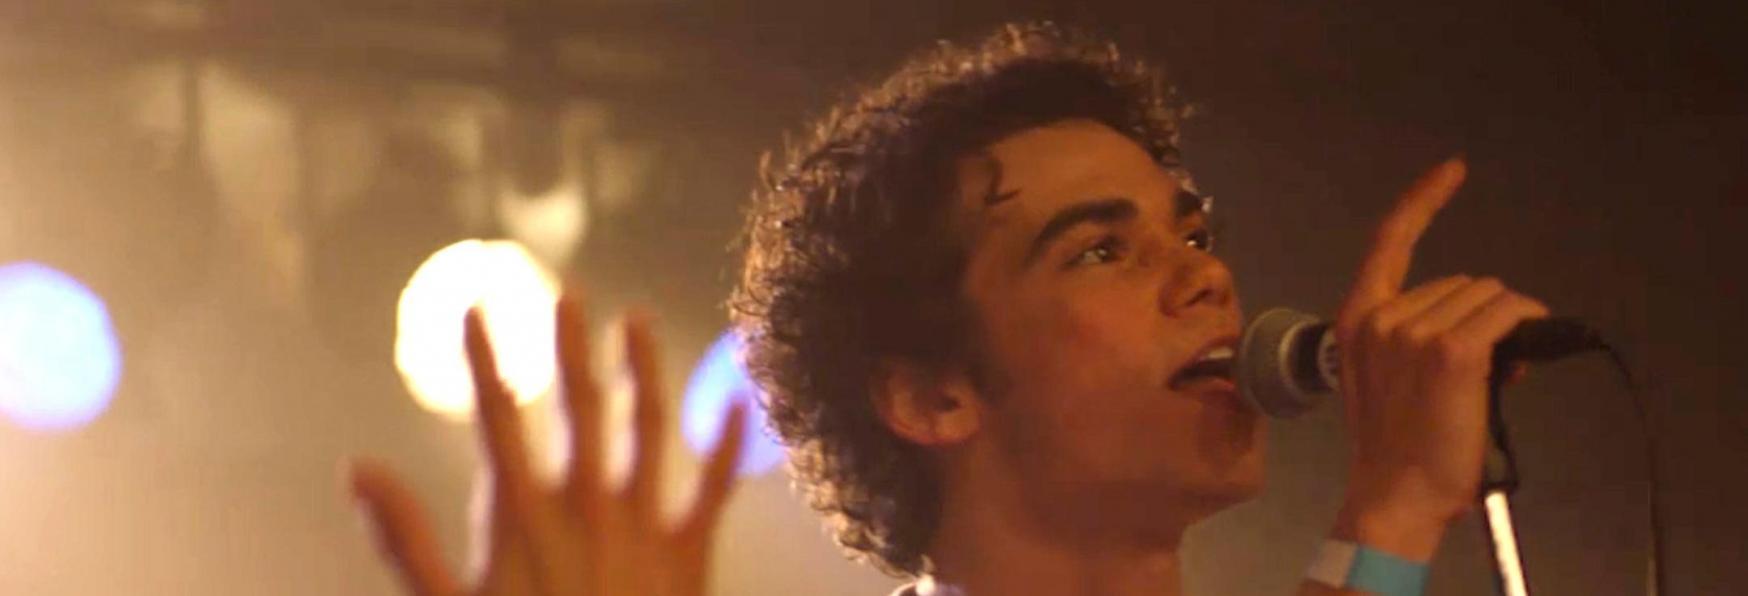 Paradise City: il Trailer della Serie TV Inedita mostra il defunto Cameron Boyce nel suo ultimo Progetto